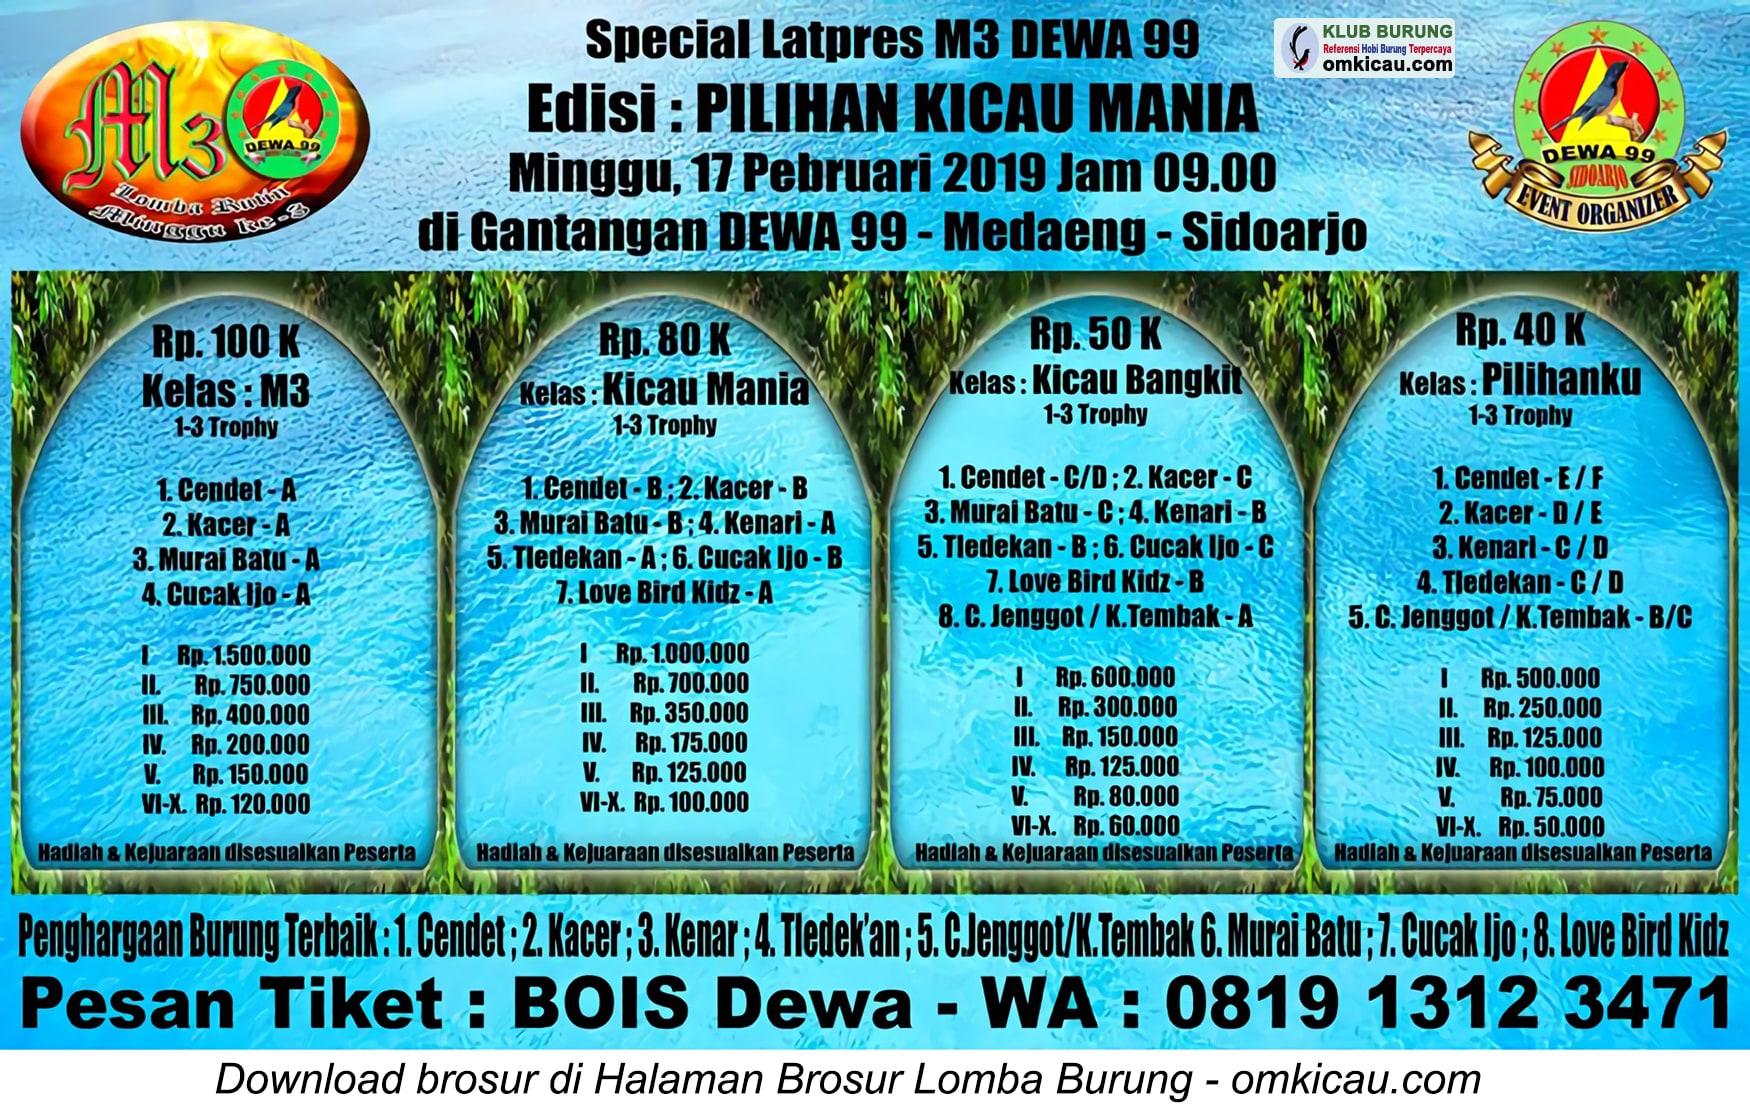 Special Latpres M3 Dewa 99